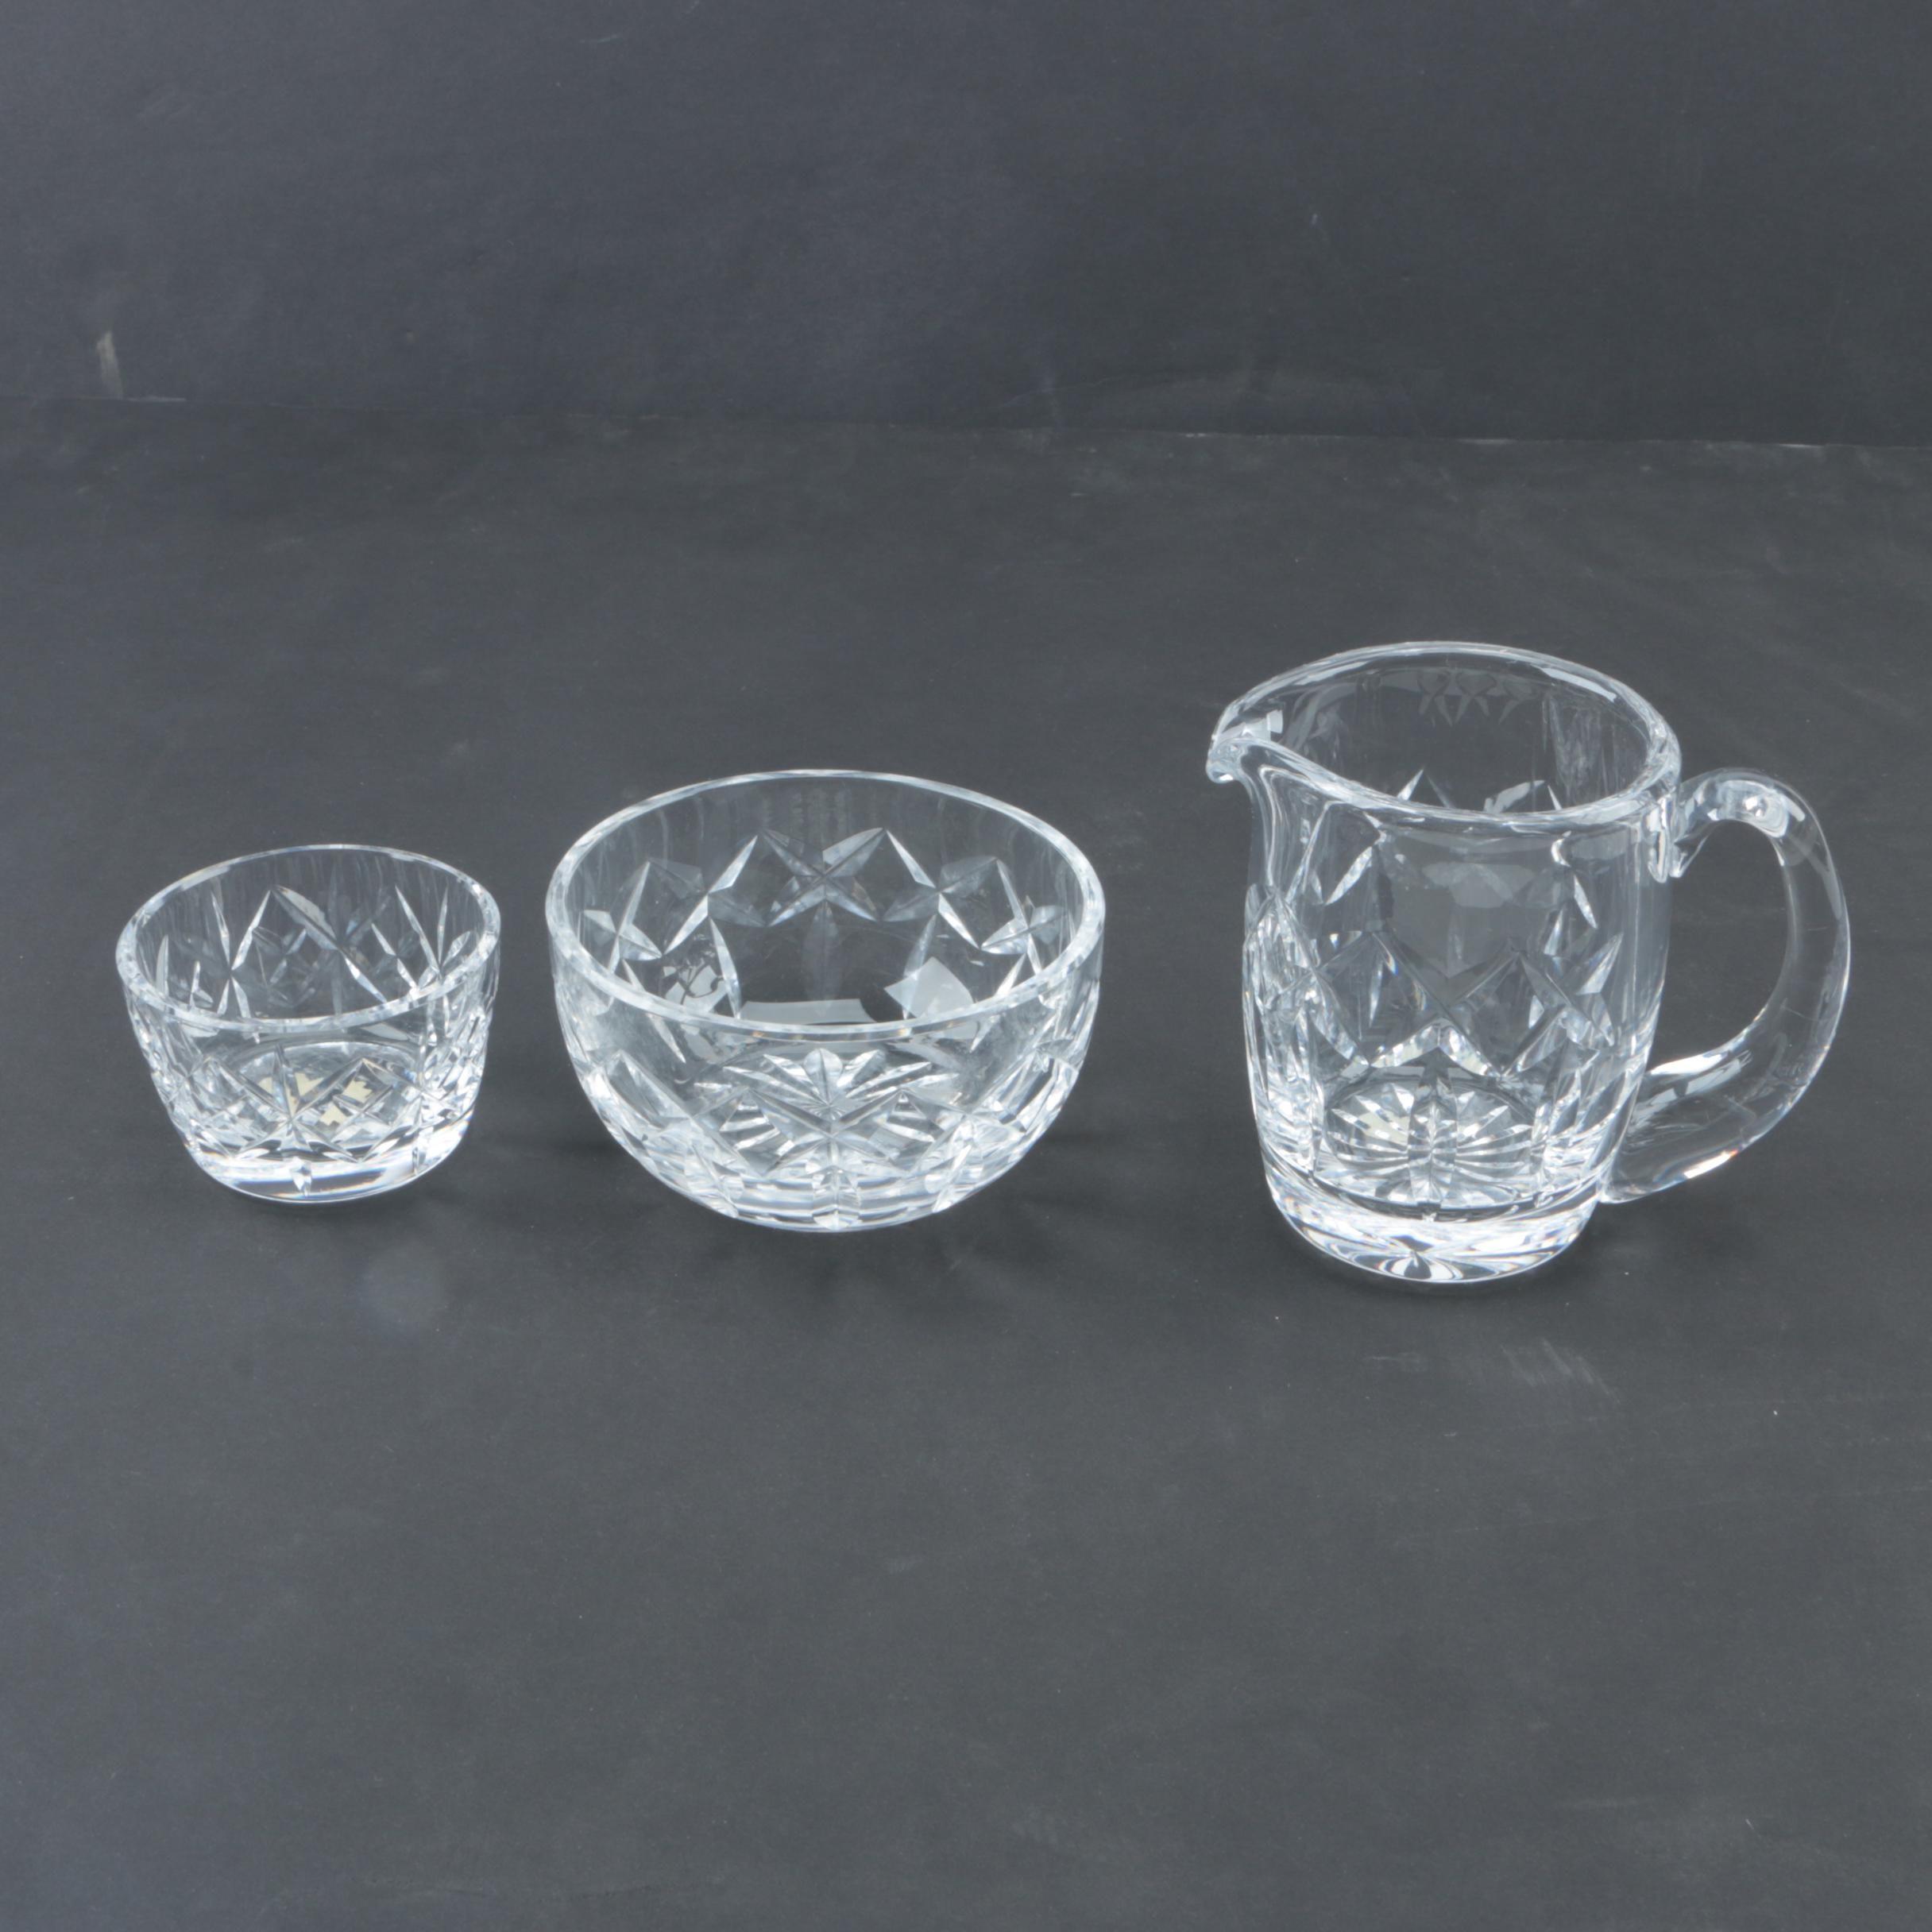 Waterford Crystal Tableware